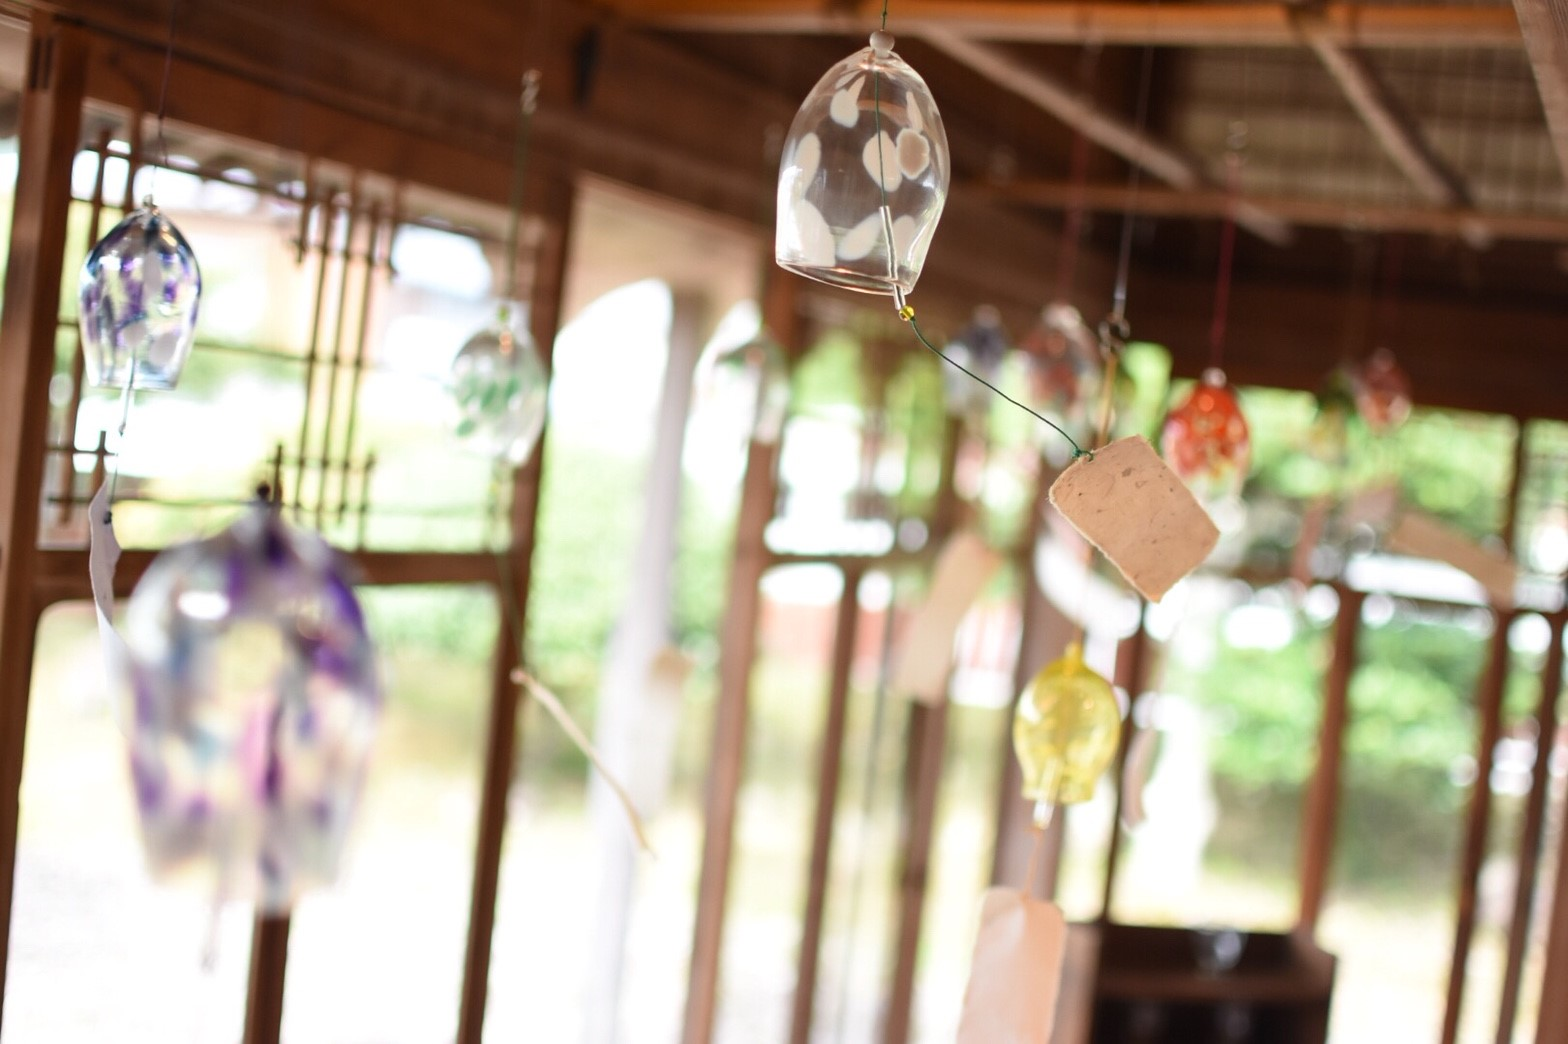 風鈴と中庭の風情溢れる古民家カフェでゆったりと。「古民家カフェ 半平」